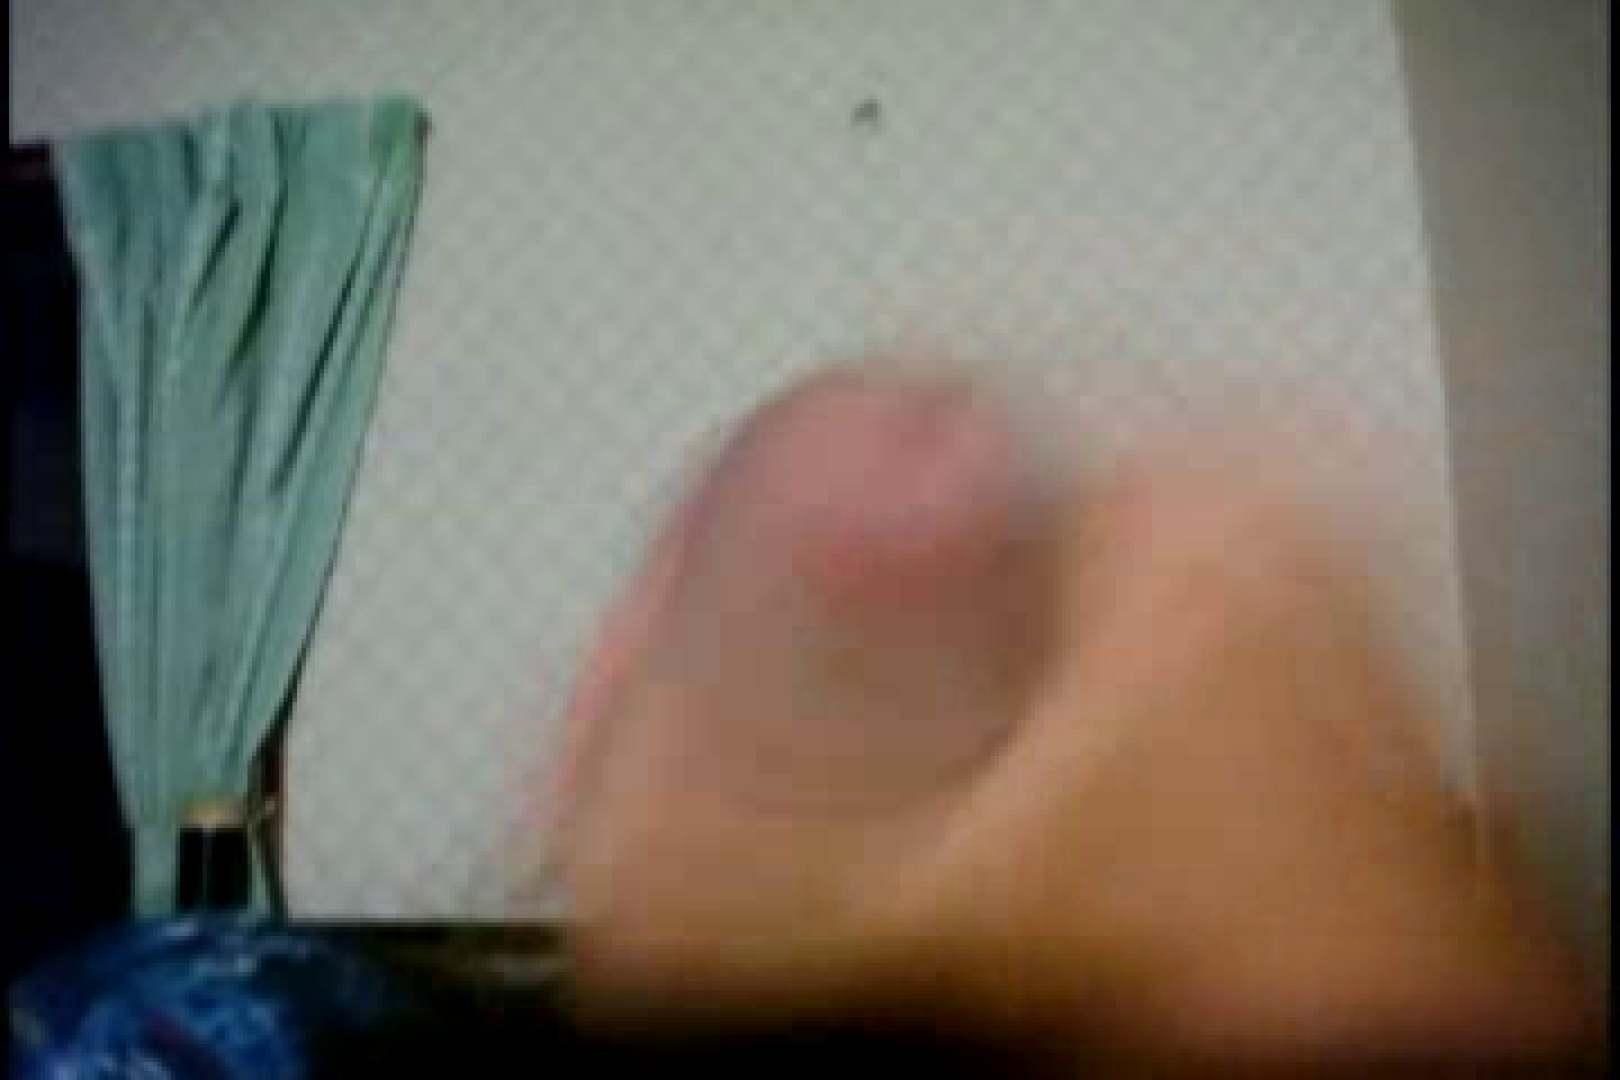 オナ好きノンケテニス部員の自画撮り投稿vol.03 射精特集 ゲイ無修正動画画像 114枚 80